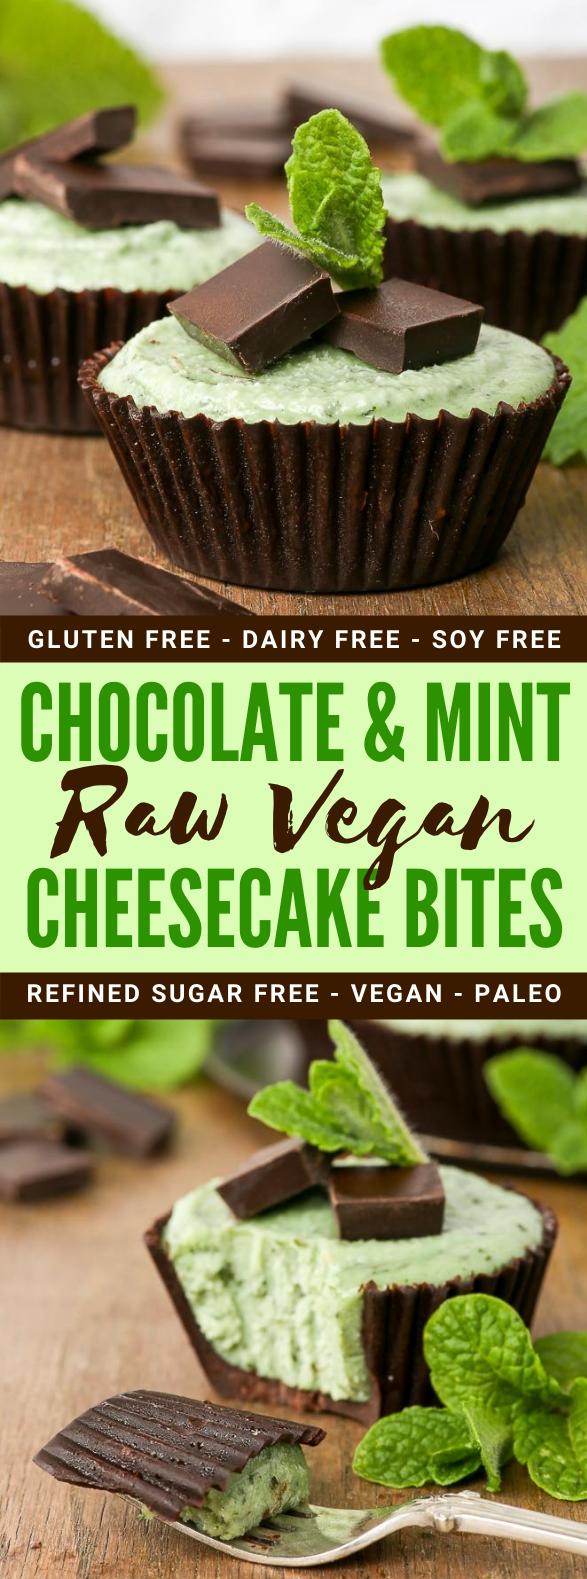 Chocolate + Mint Raw Vegan Cheesecake Bites #cake #healthydessert